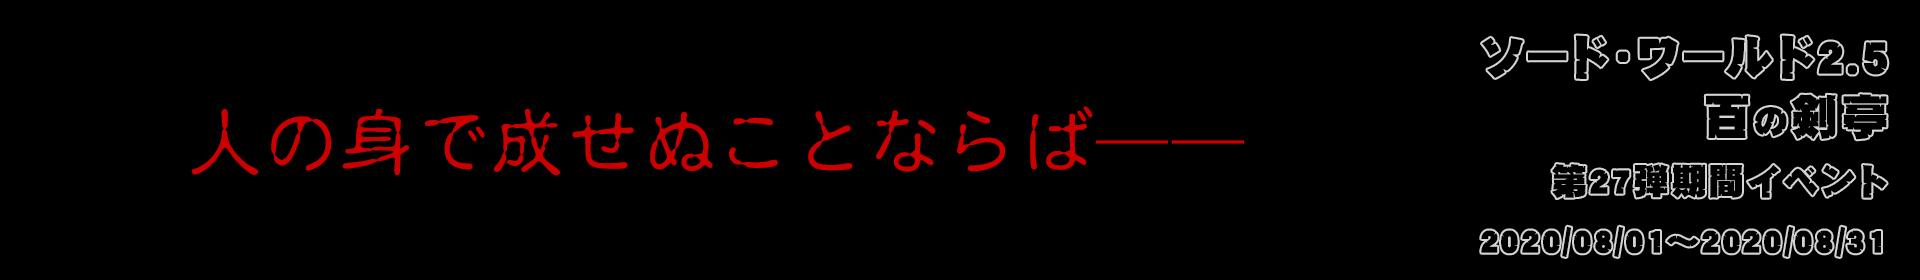 sw2.5 百の剣亭 期間イベント 第27弾 死霊討滅ⅱ